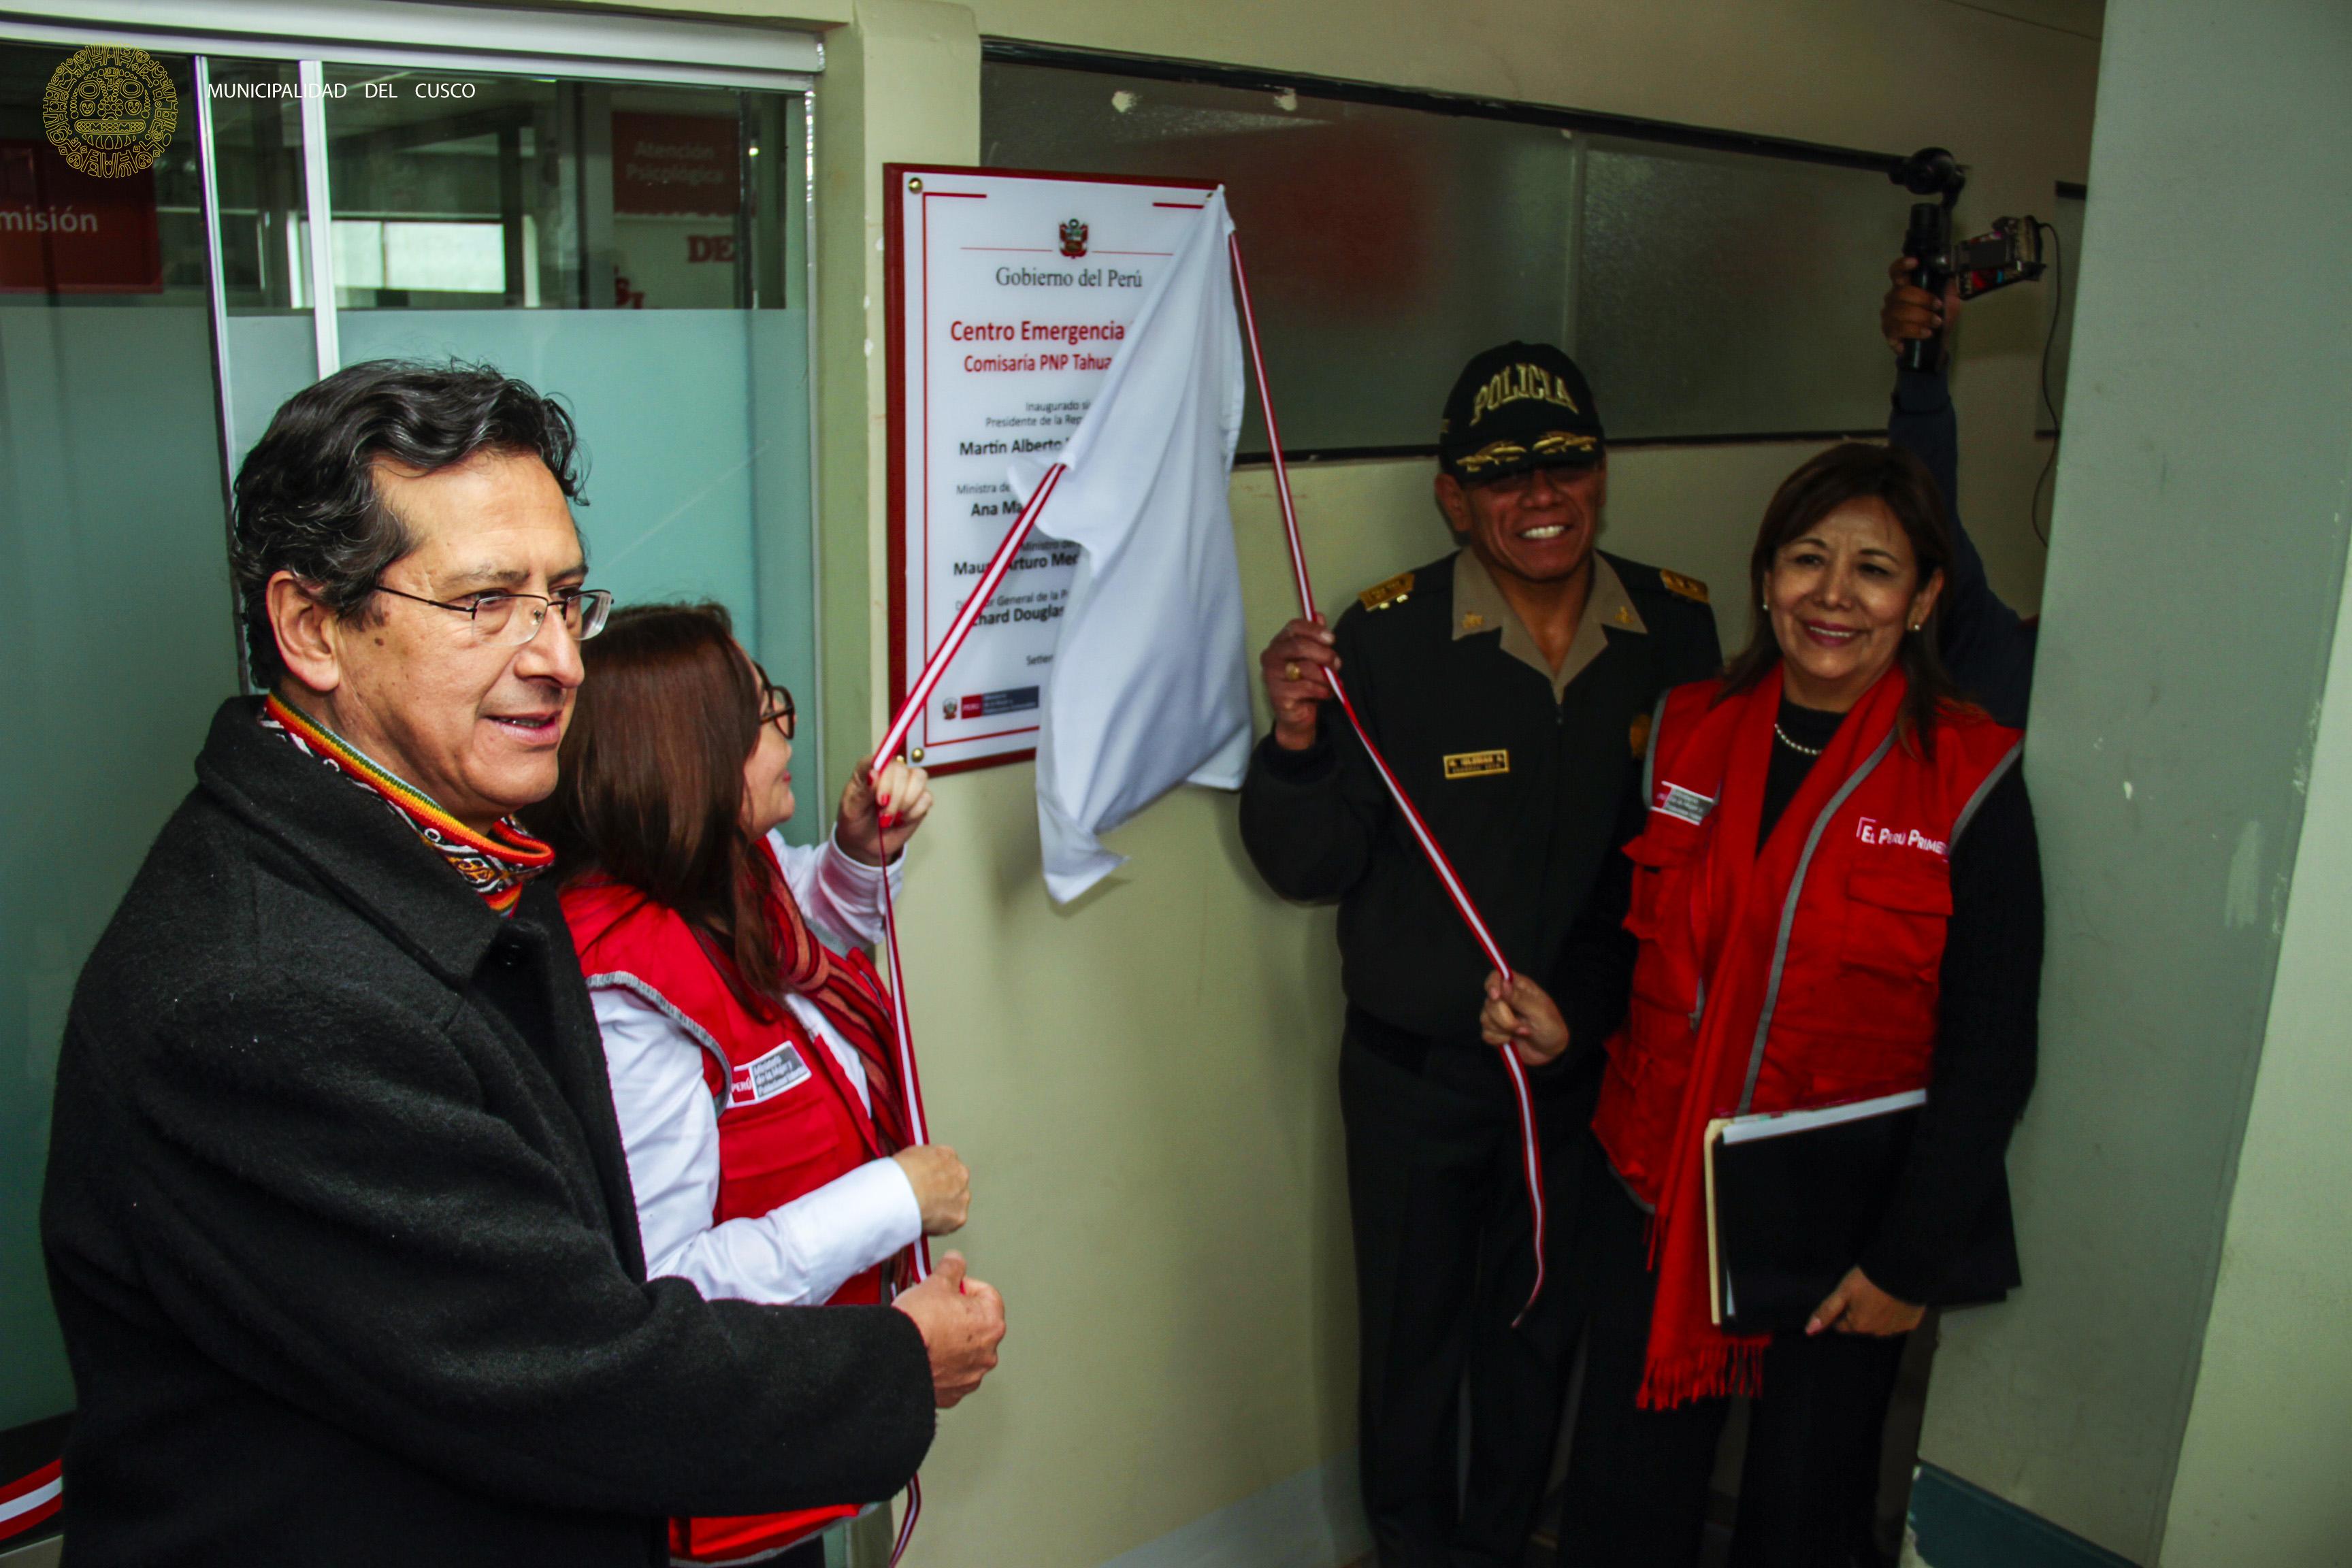 NUEVO CENTRO DE EMERGENCIA MUJER EN LA COMISARÍA PNP DE TAHUANTINSUYO EN EL DISTRITO DE CUSCO